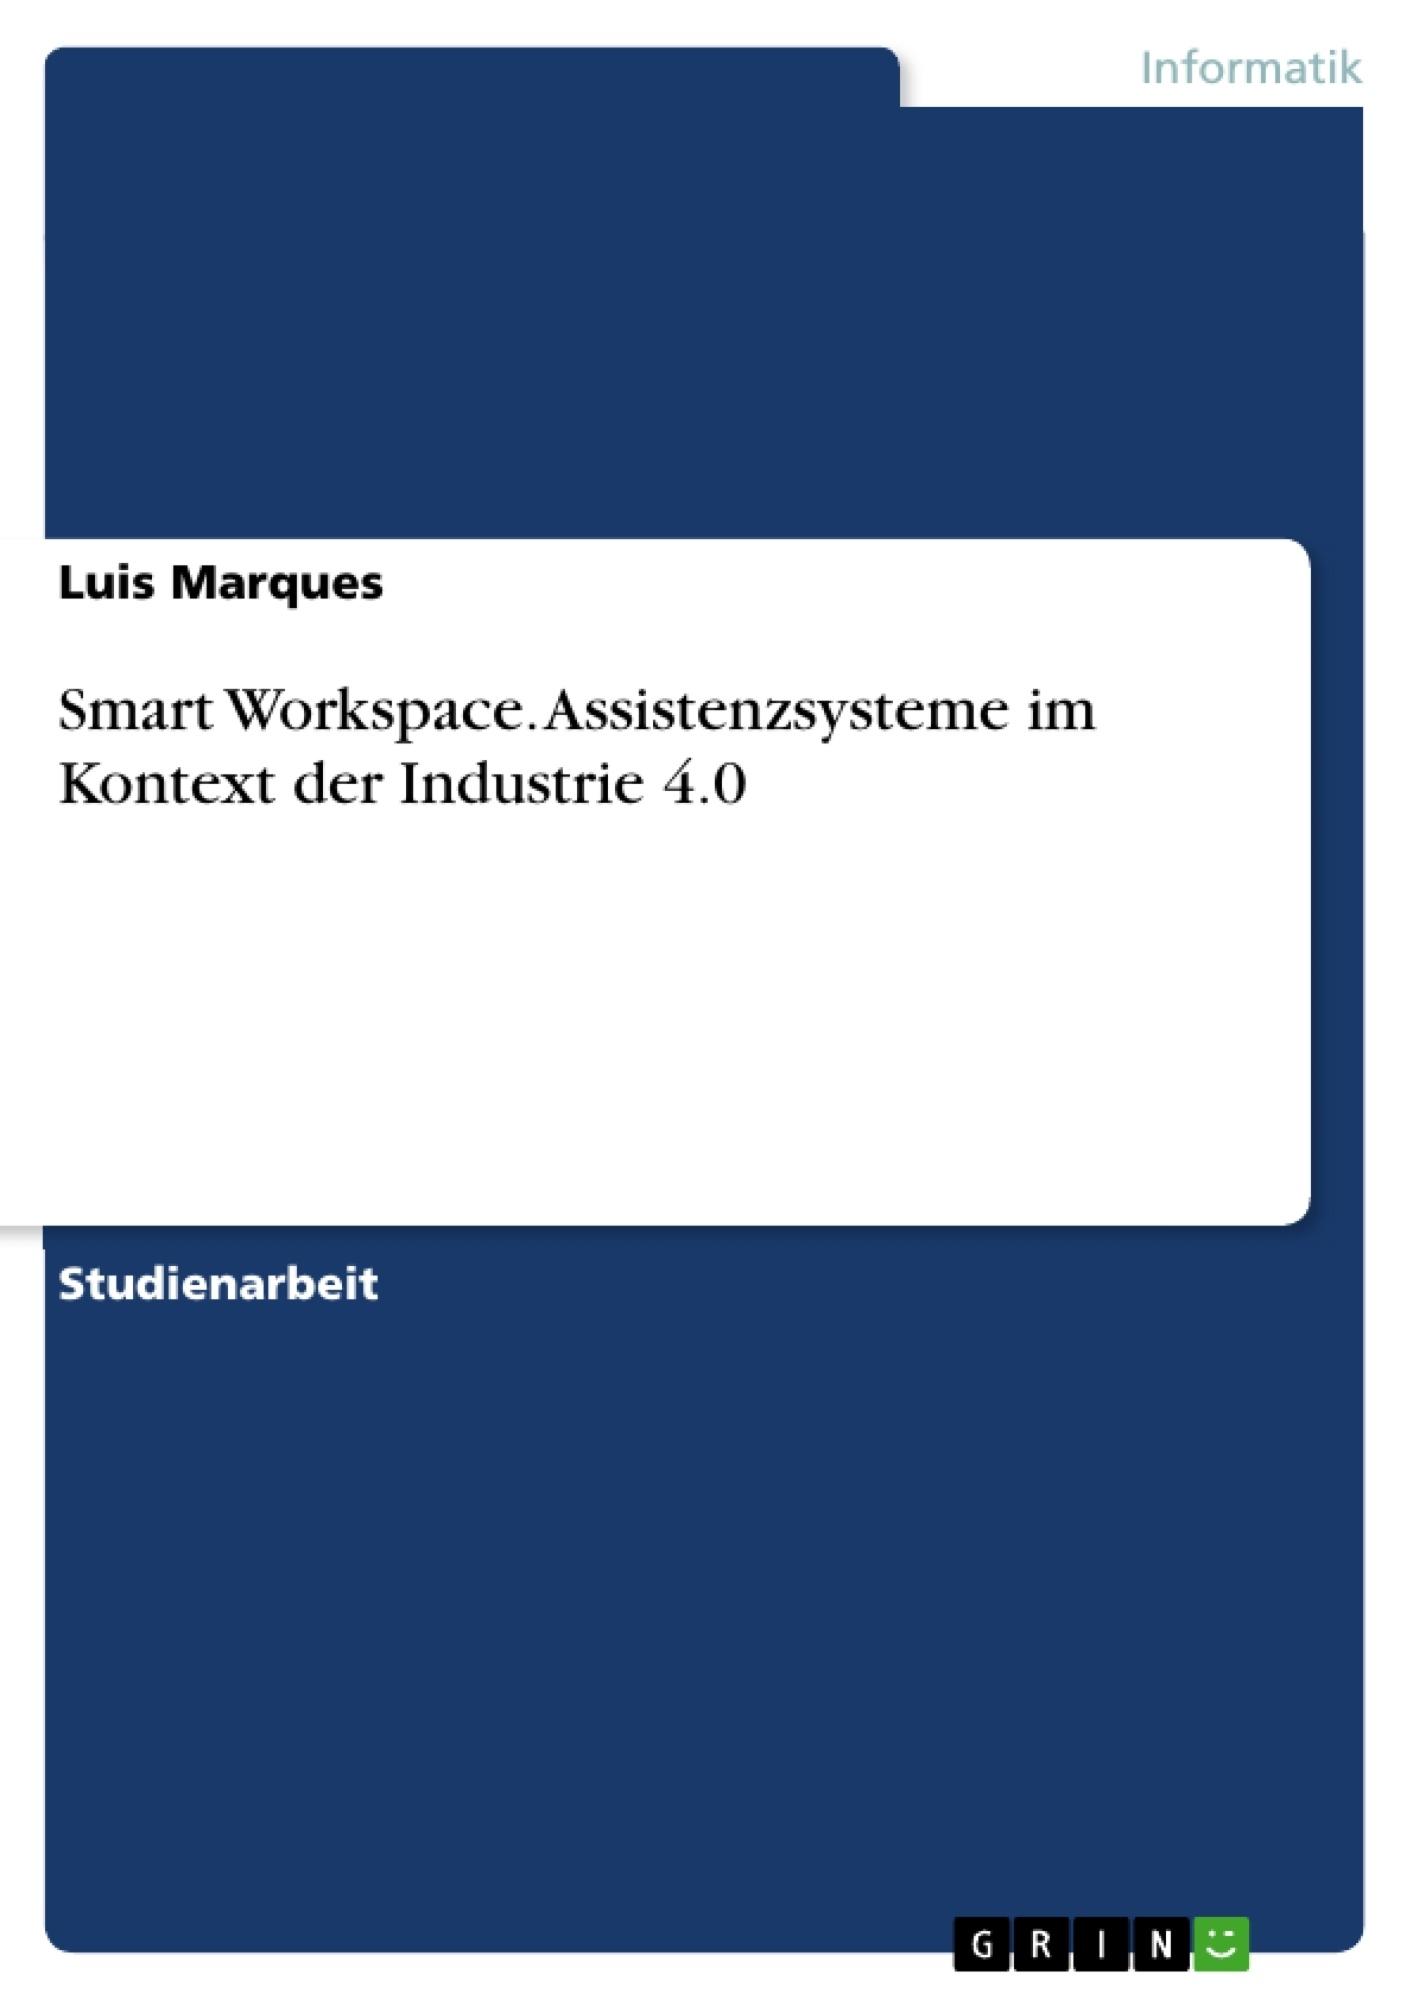 Titel: Smart Workspace. Assistenzsysteme im Kontext der Industrie 4.0